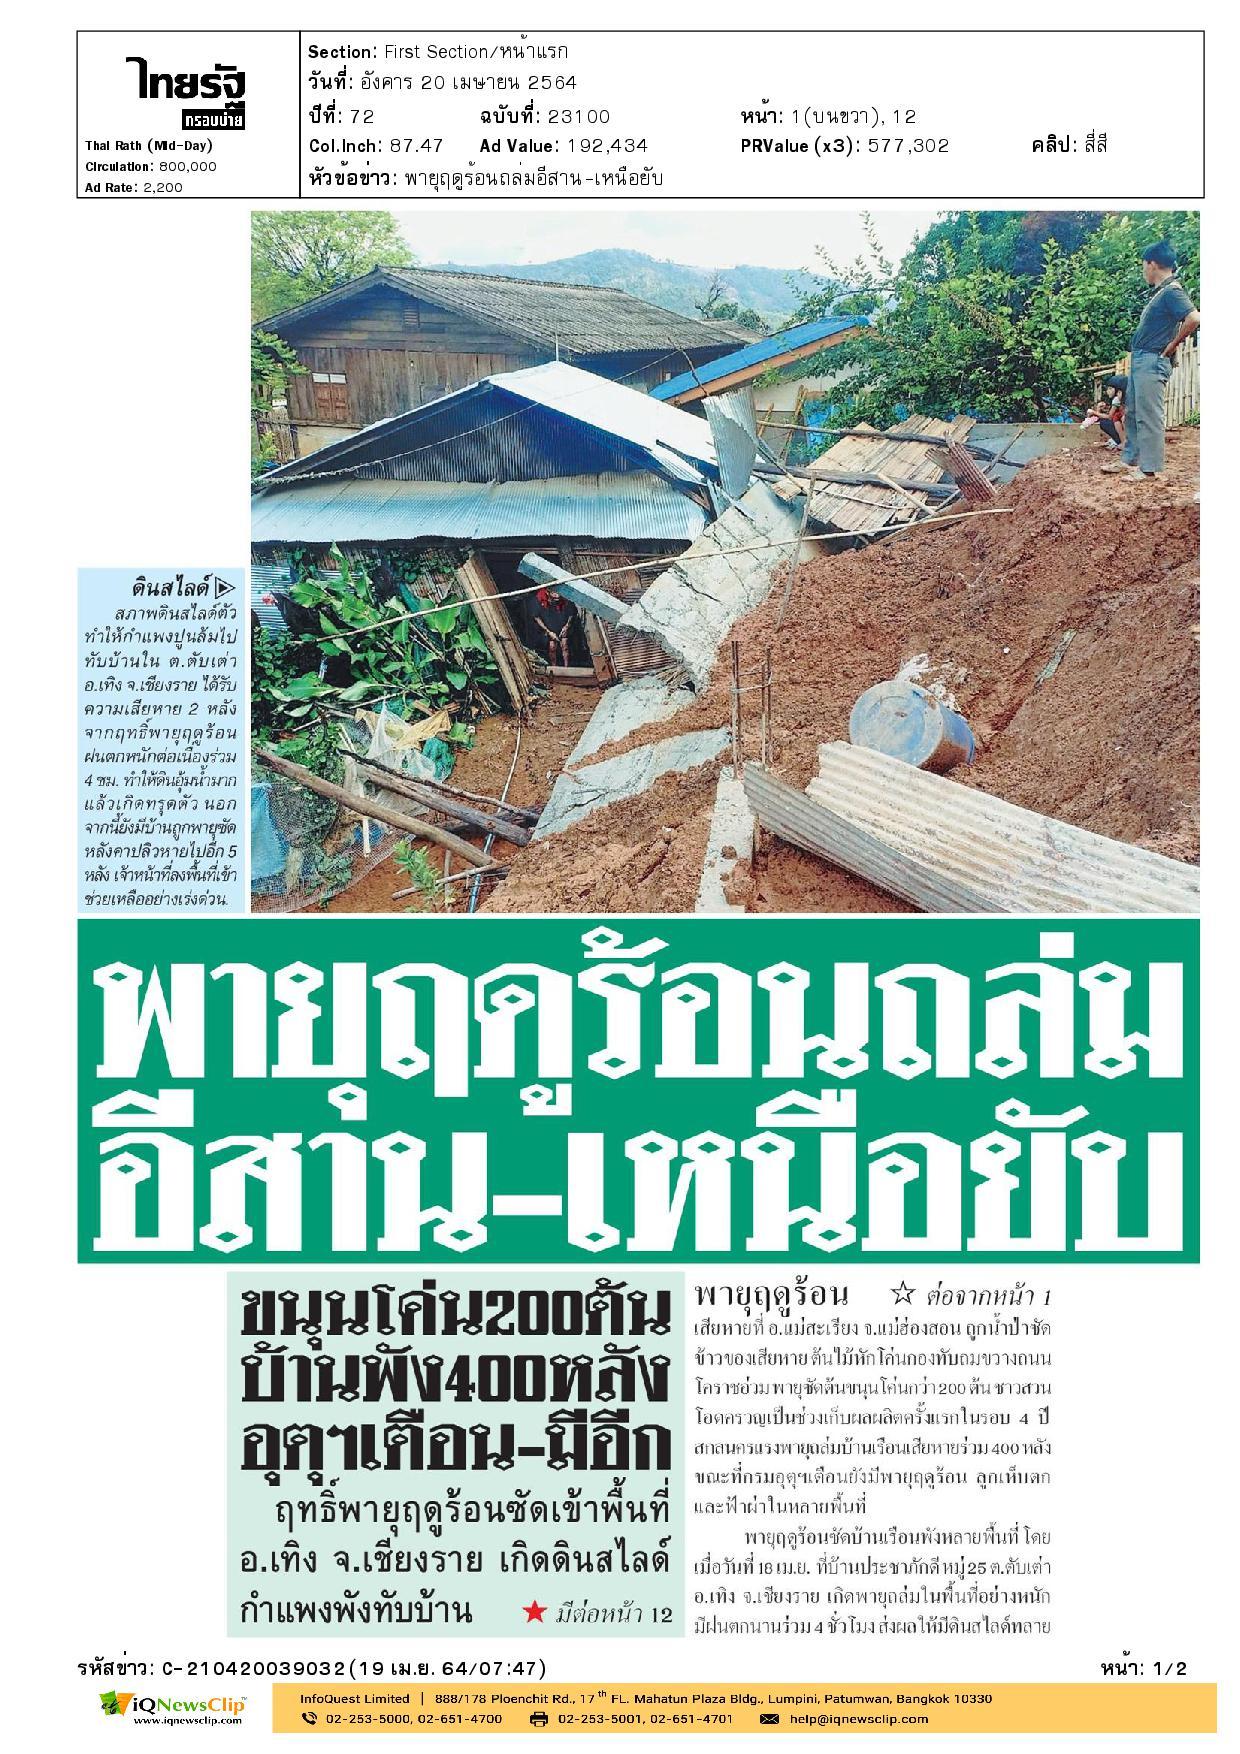 เหล่ากาชาดจังหวัดสกลนคร บรรเทาทุกข์ลงพื้นที่ให้ความช่วยเหลือชาวบ้านหลังเกิดพายุฤดูร้อน